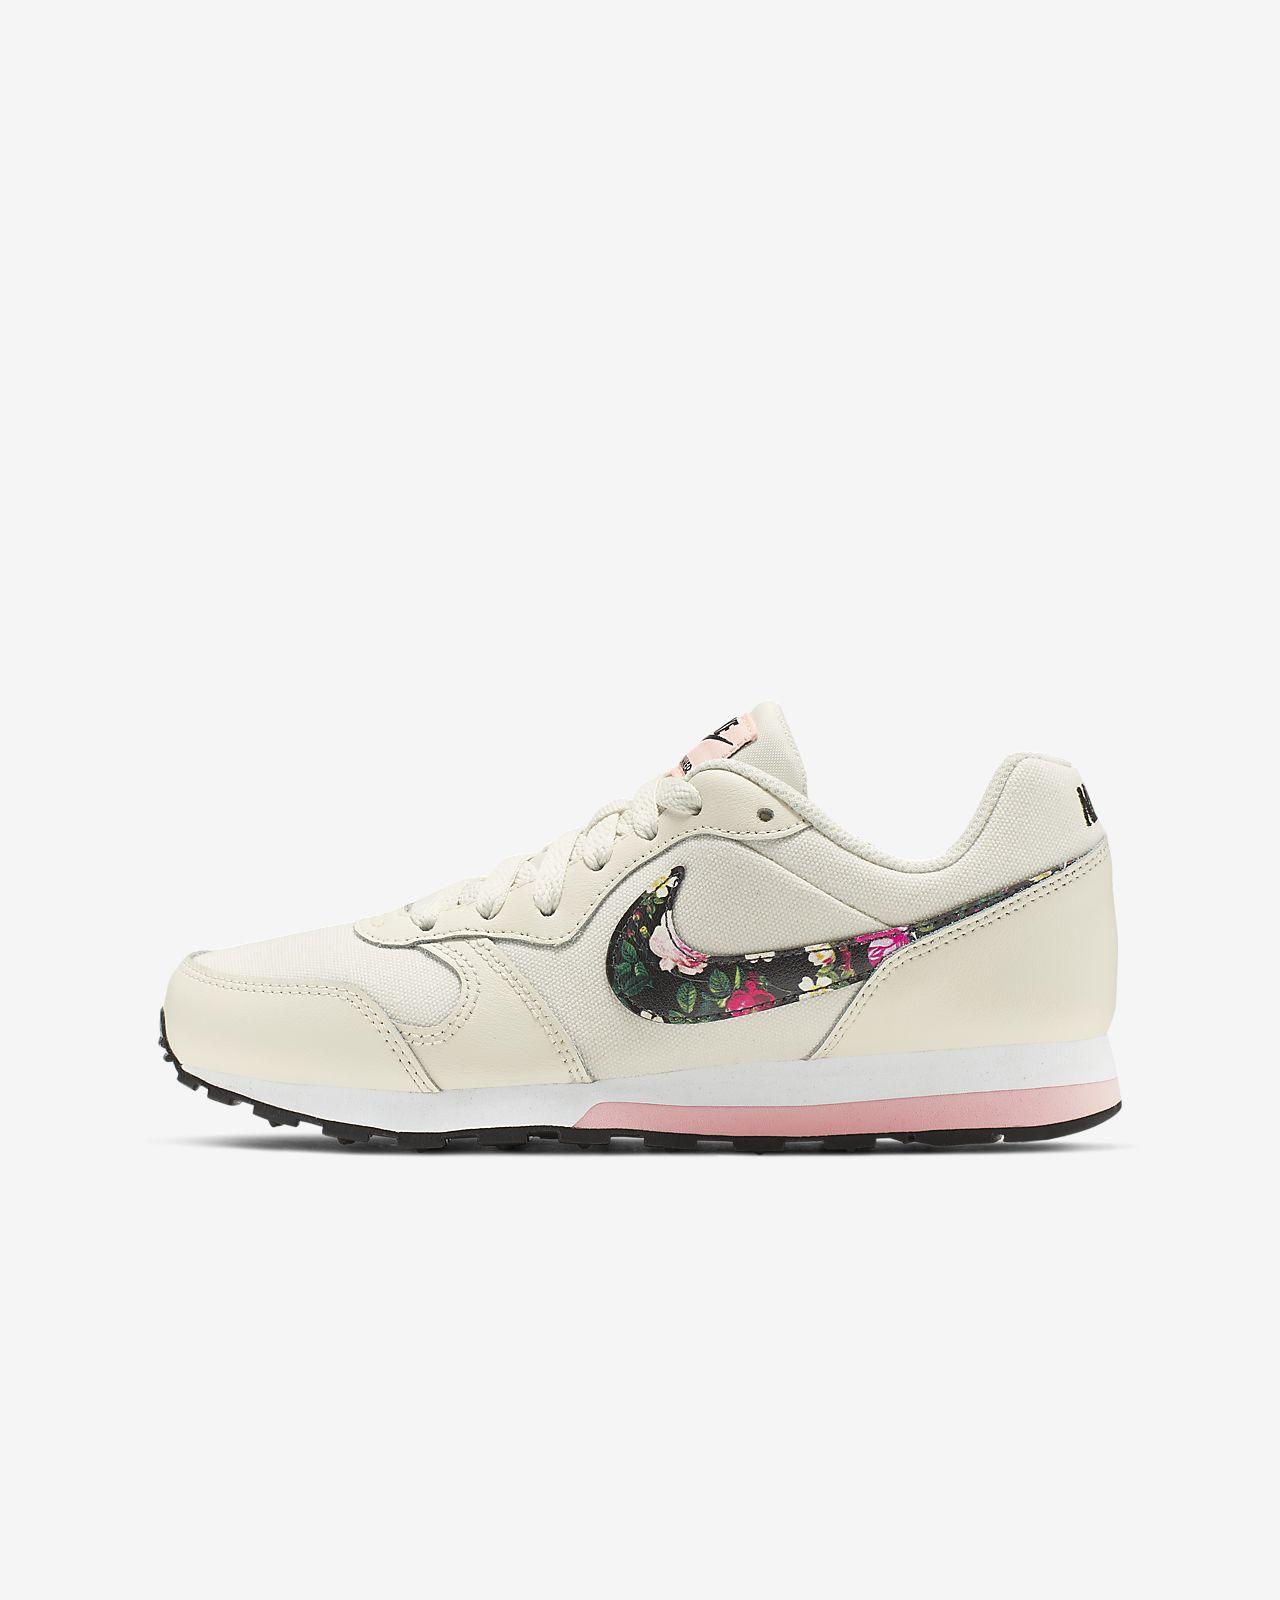 Buty dla dużych dzieci Nike MD Runner 2 Vintage Floral